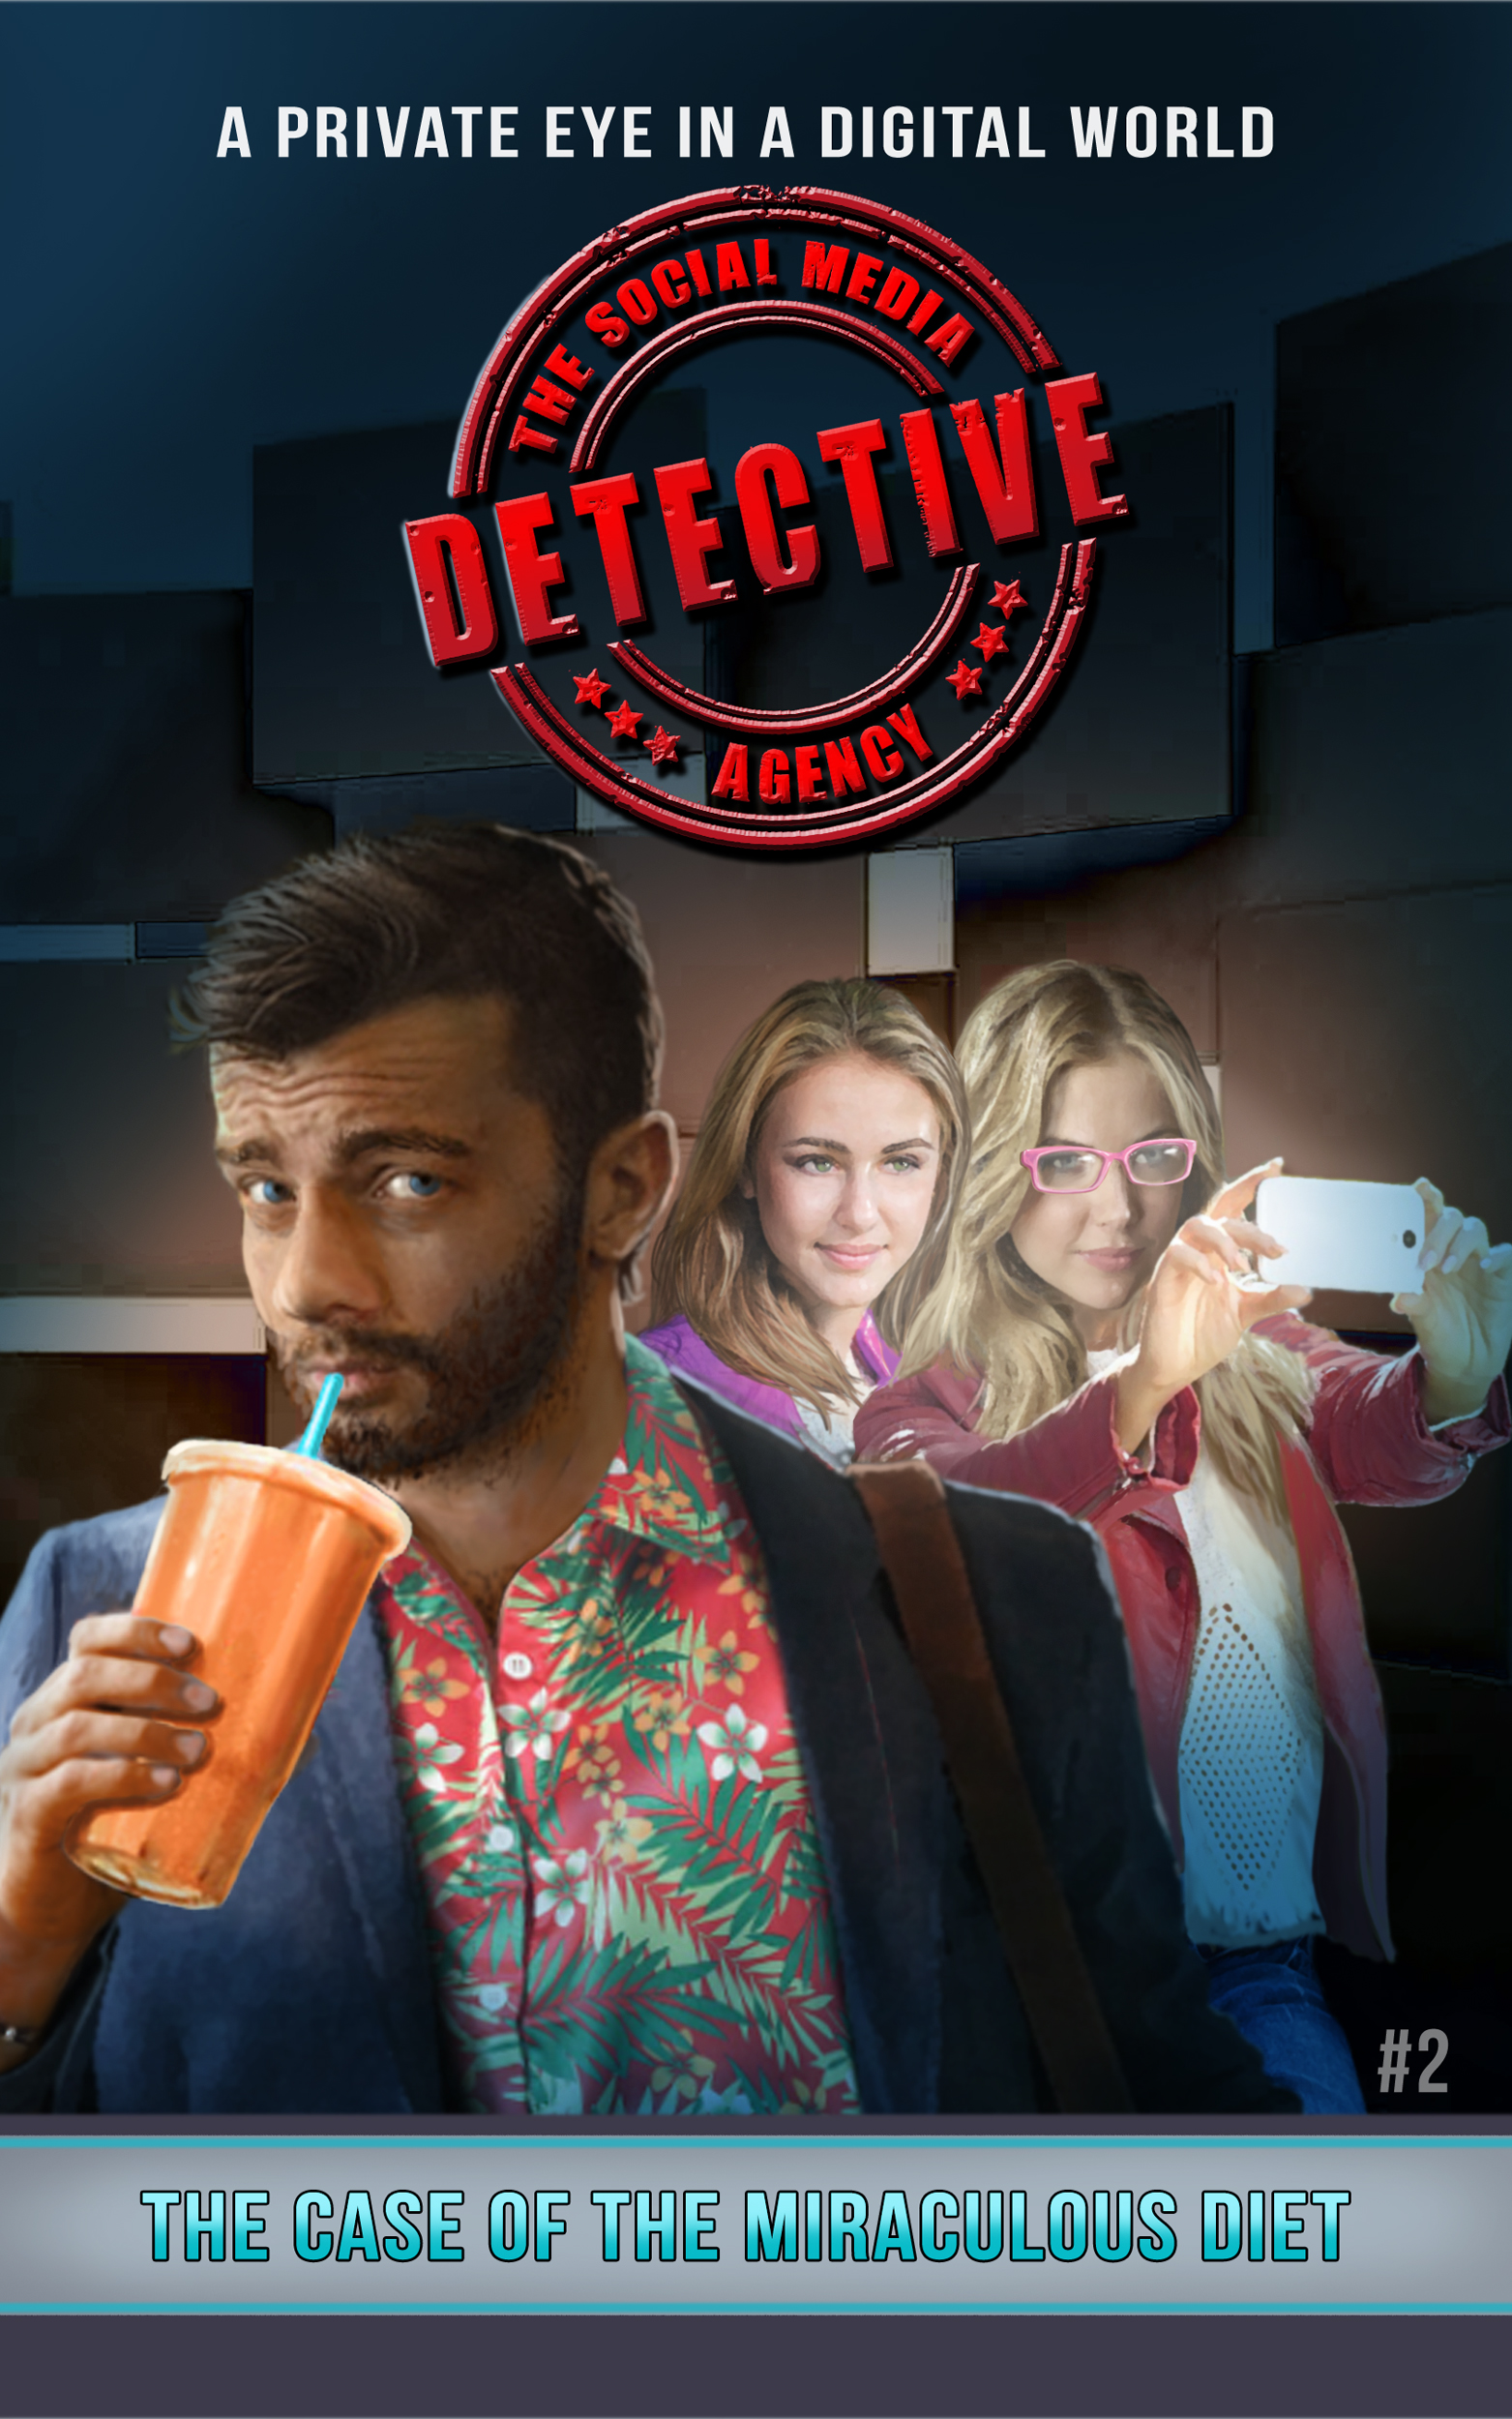 The Social Media Detective Agency | HieroHero